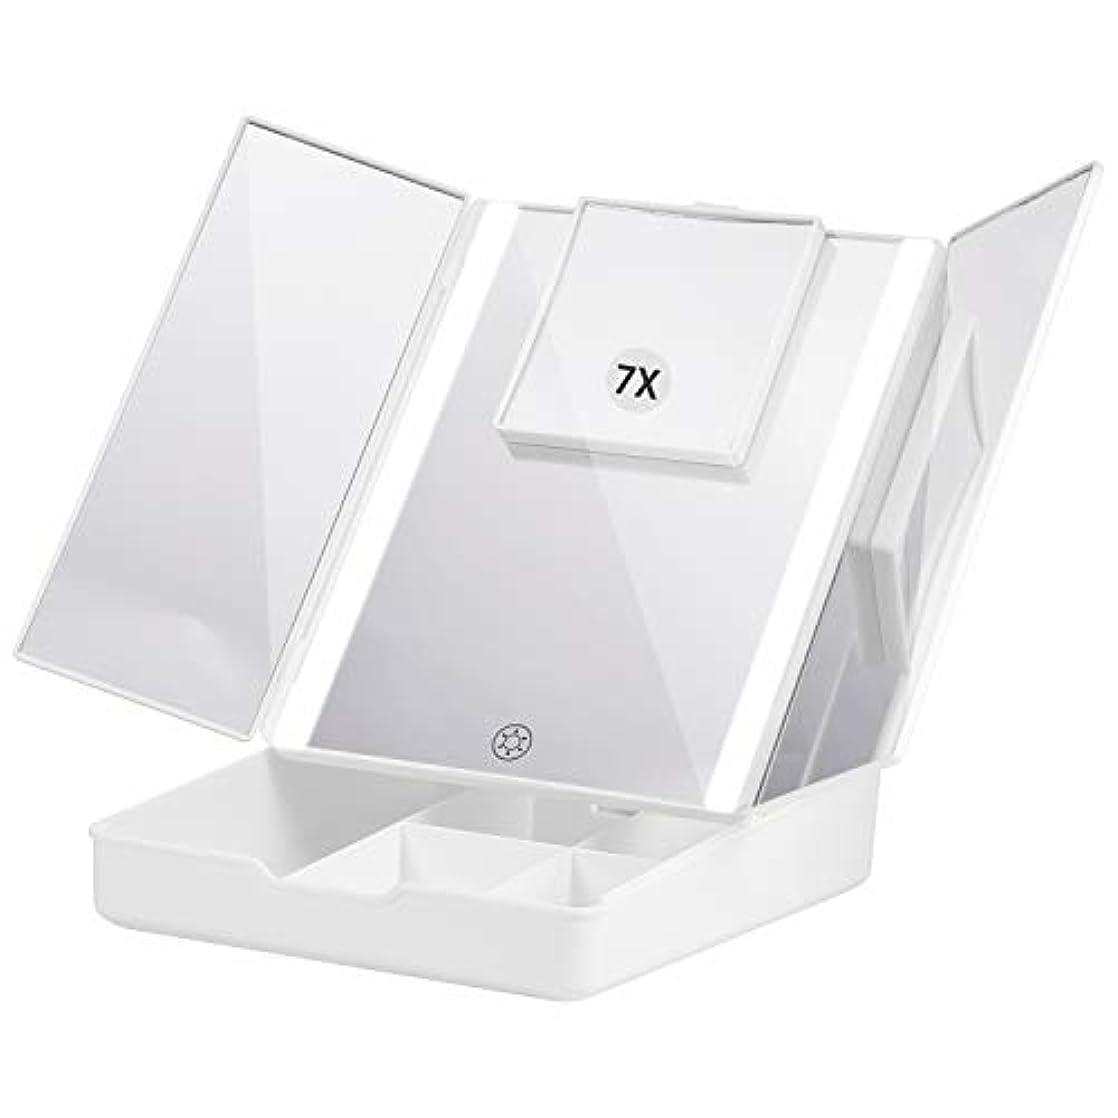 湿った鷲遵守するFascinate 折りたたみ式三面鏡 化粧鏡 7倍拡大鏡付き 24個LED スタンドミラー USB&電池式 角度調整可能 収納ケース付き